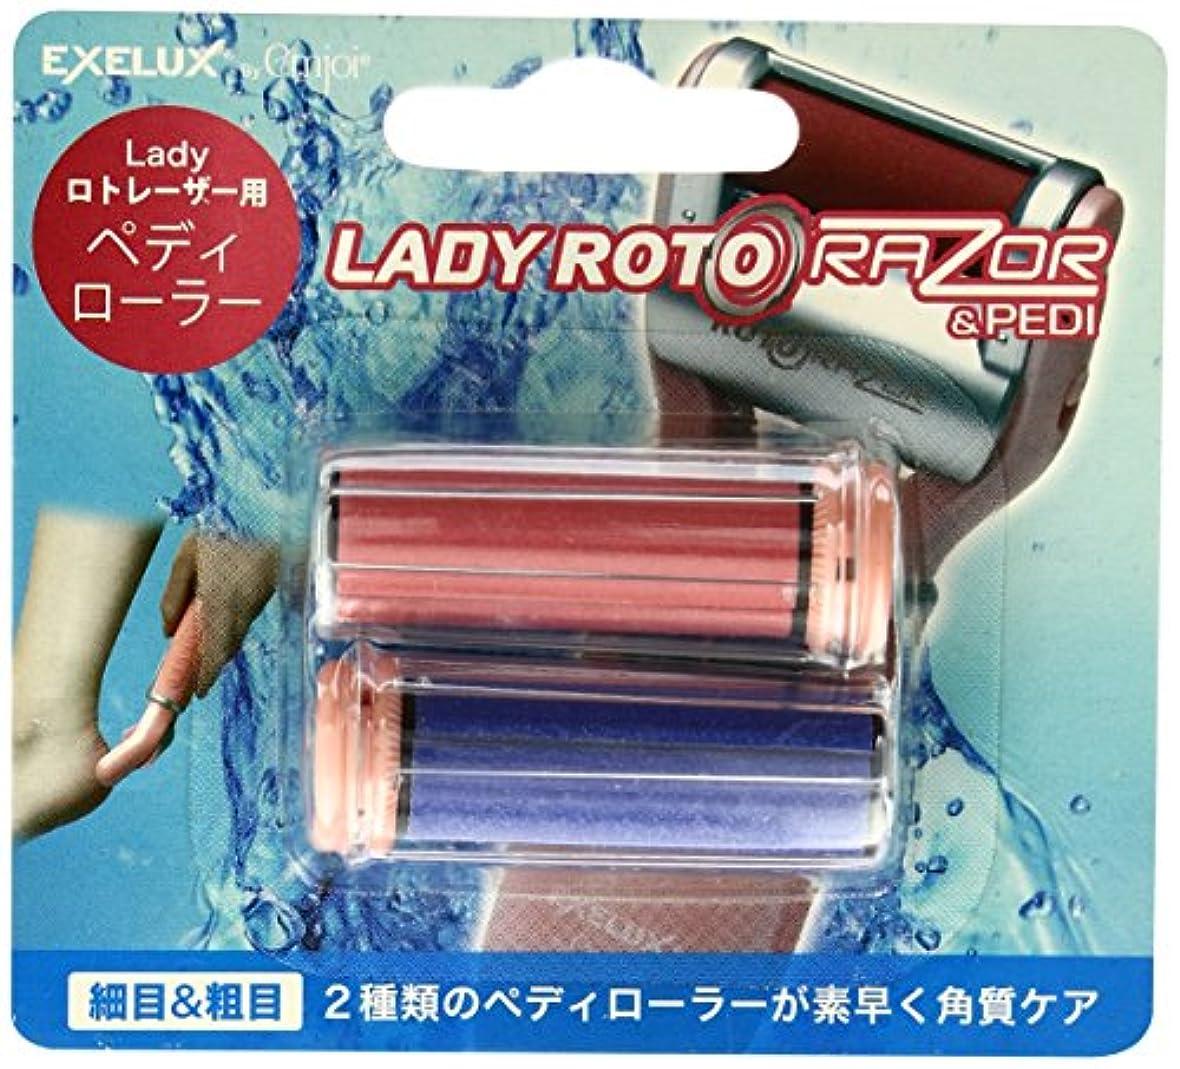 弾性枯れるモーションmetex Lady ロトレーザー & Pedi用ペディローラー EJRR-LP2